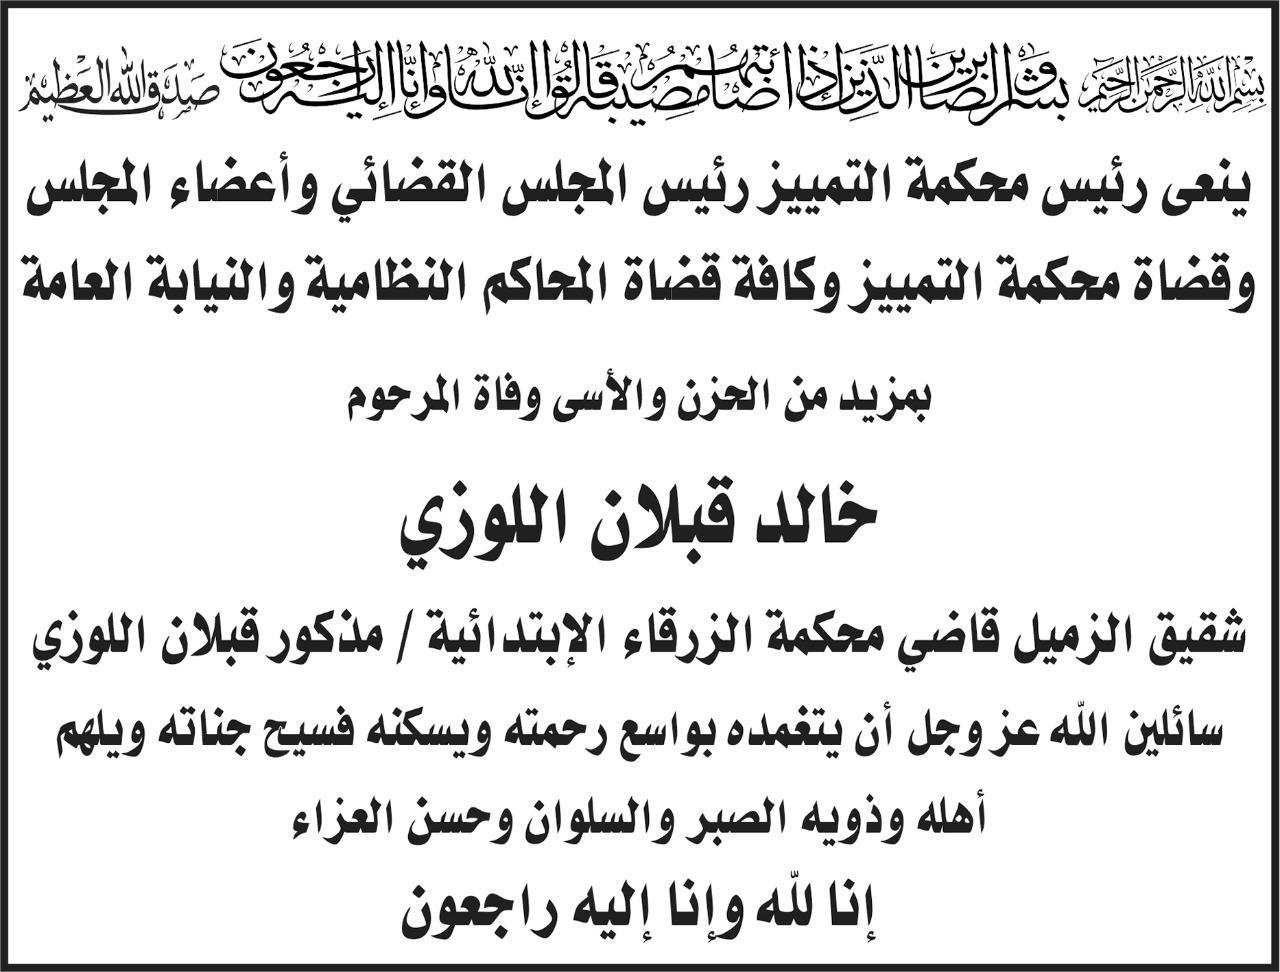 خالد قبلان اللوزي في ذمة الله